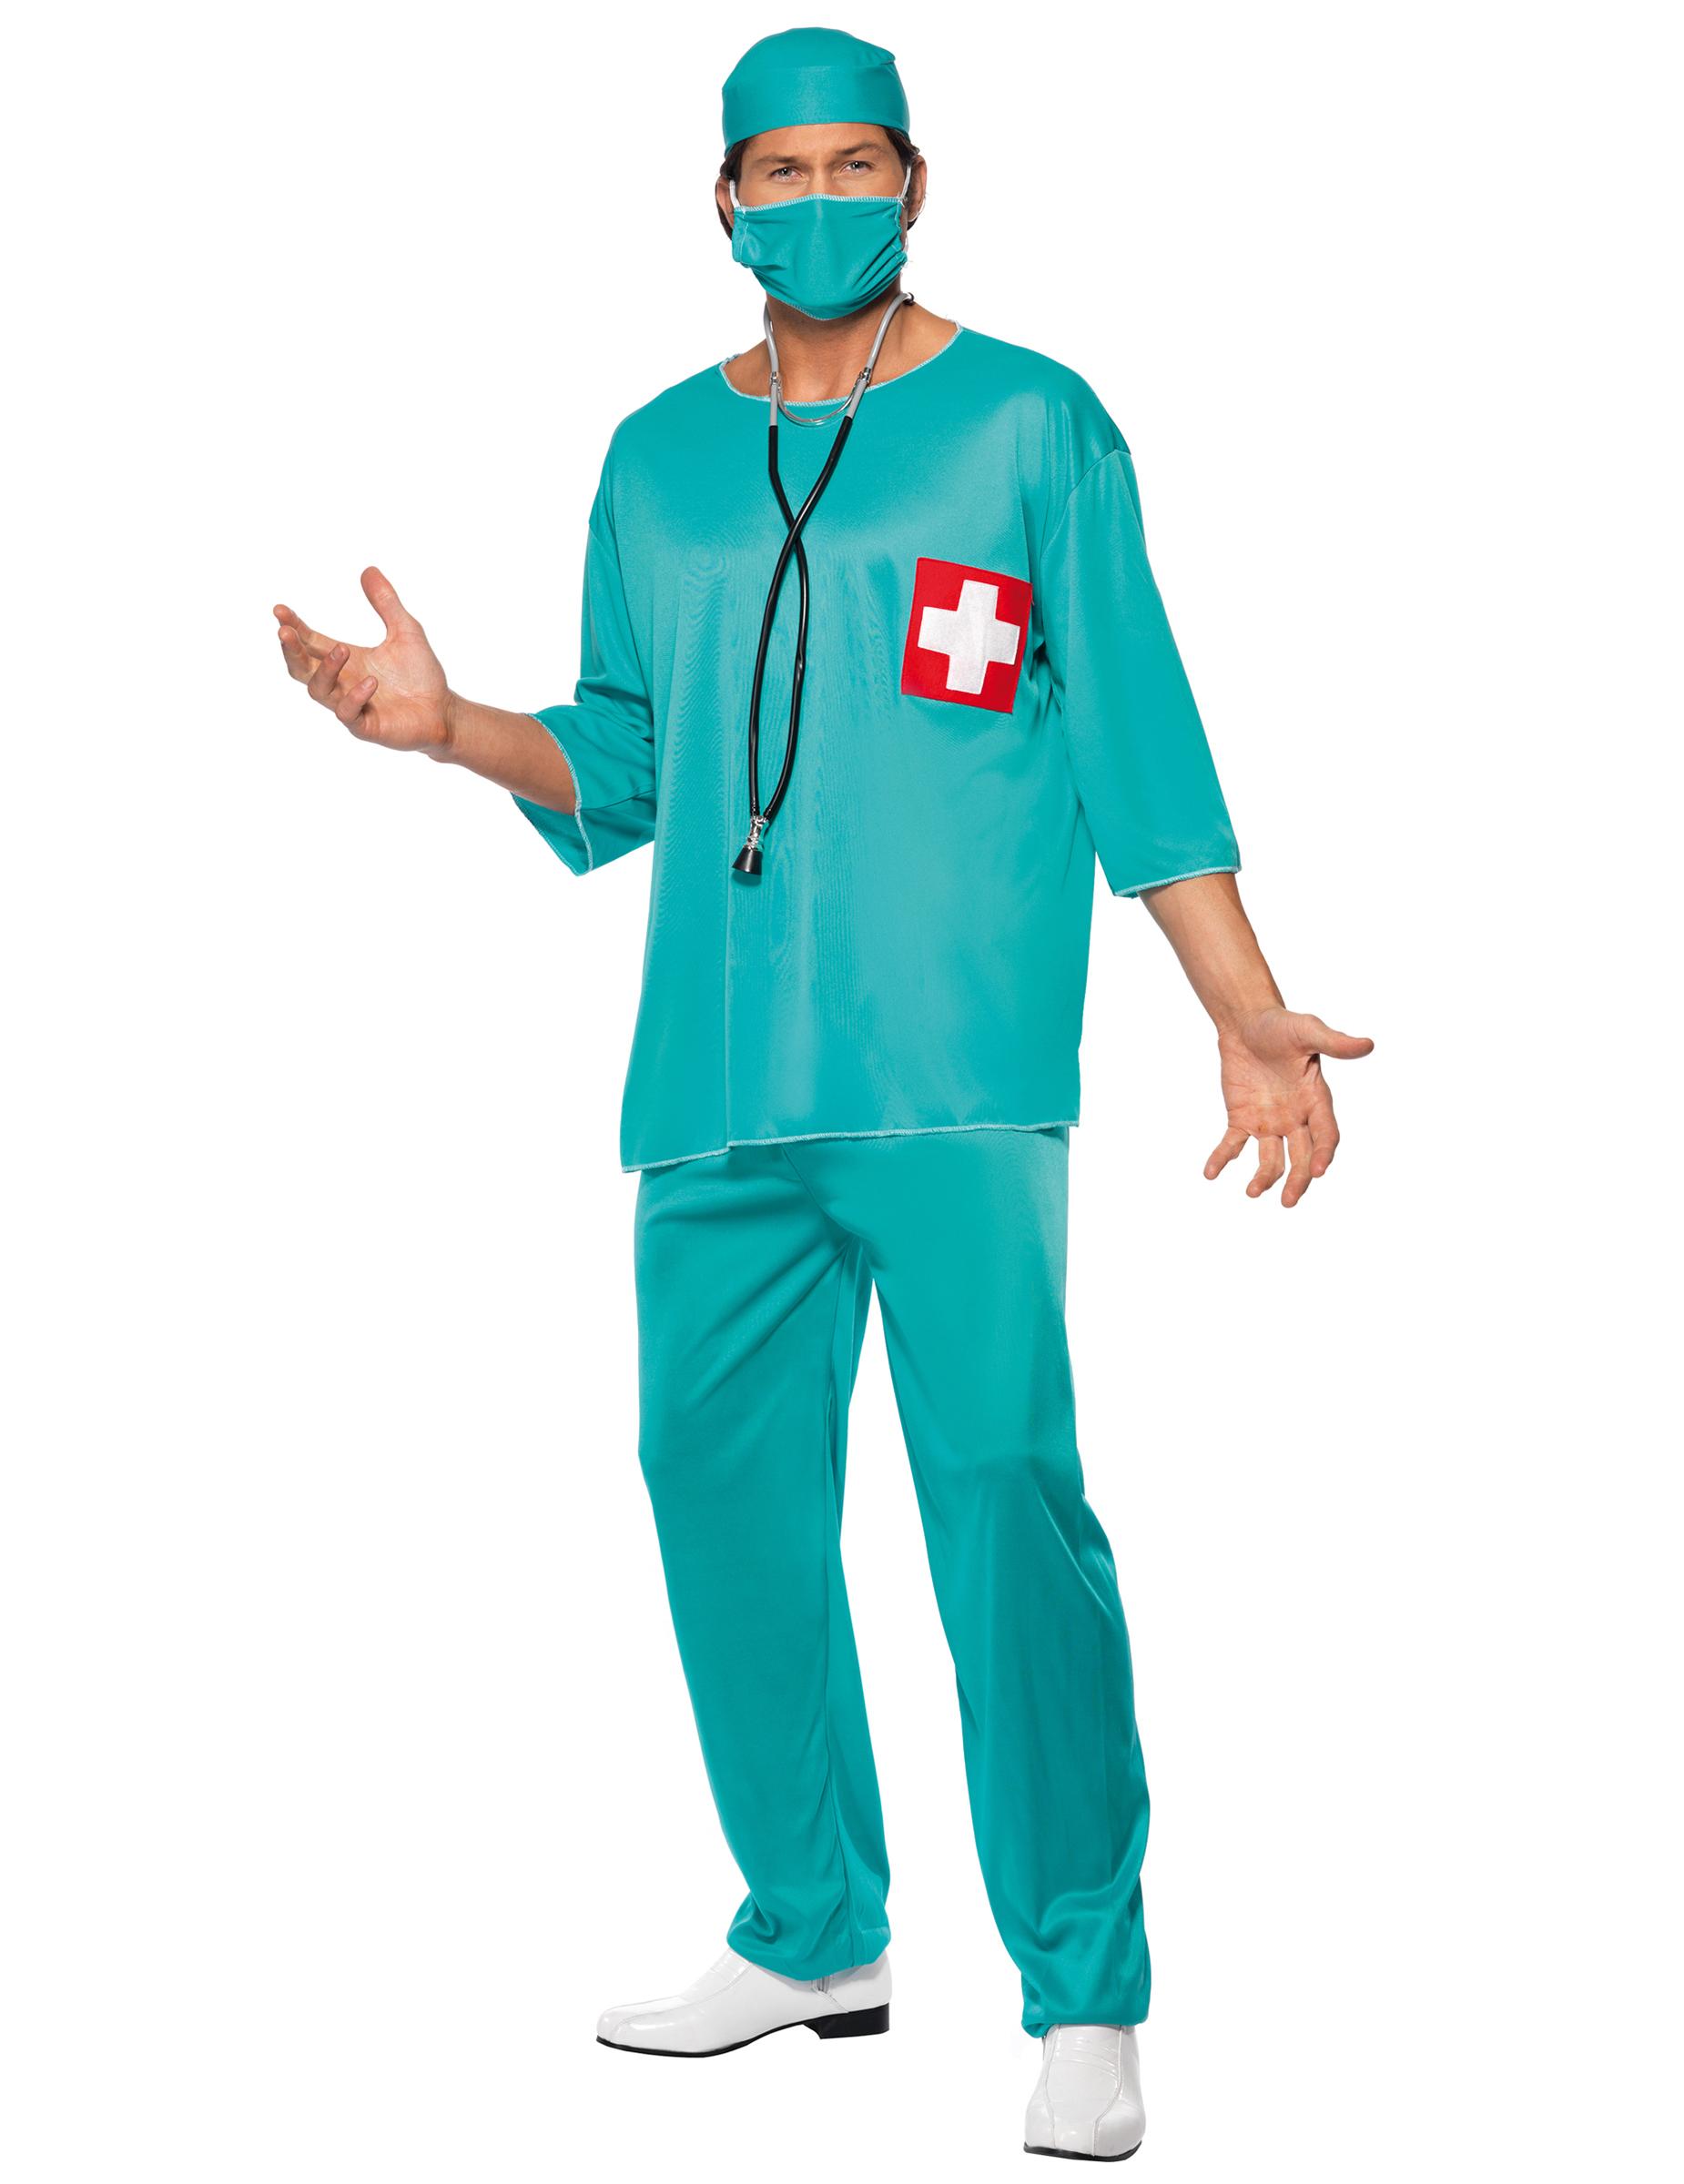 Chirurgen-Kostüm für Herren - L 10516